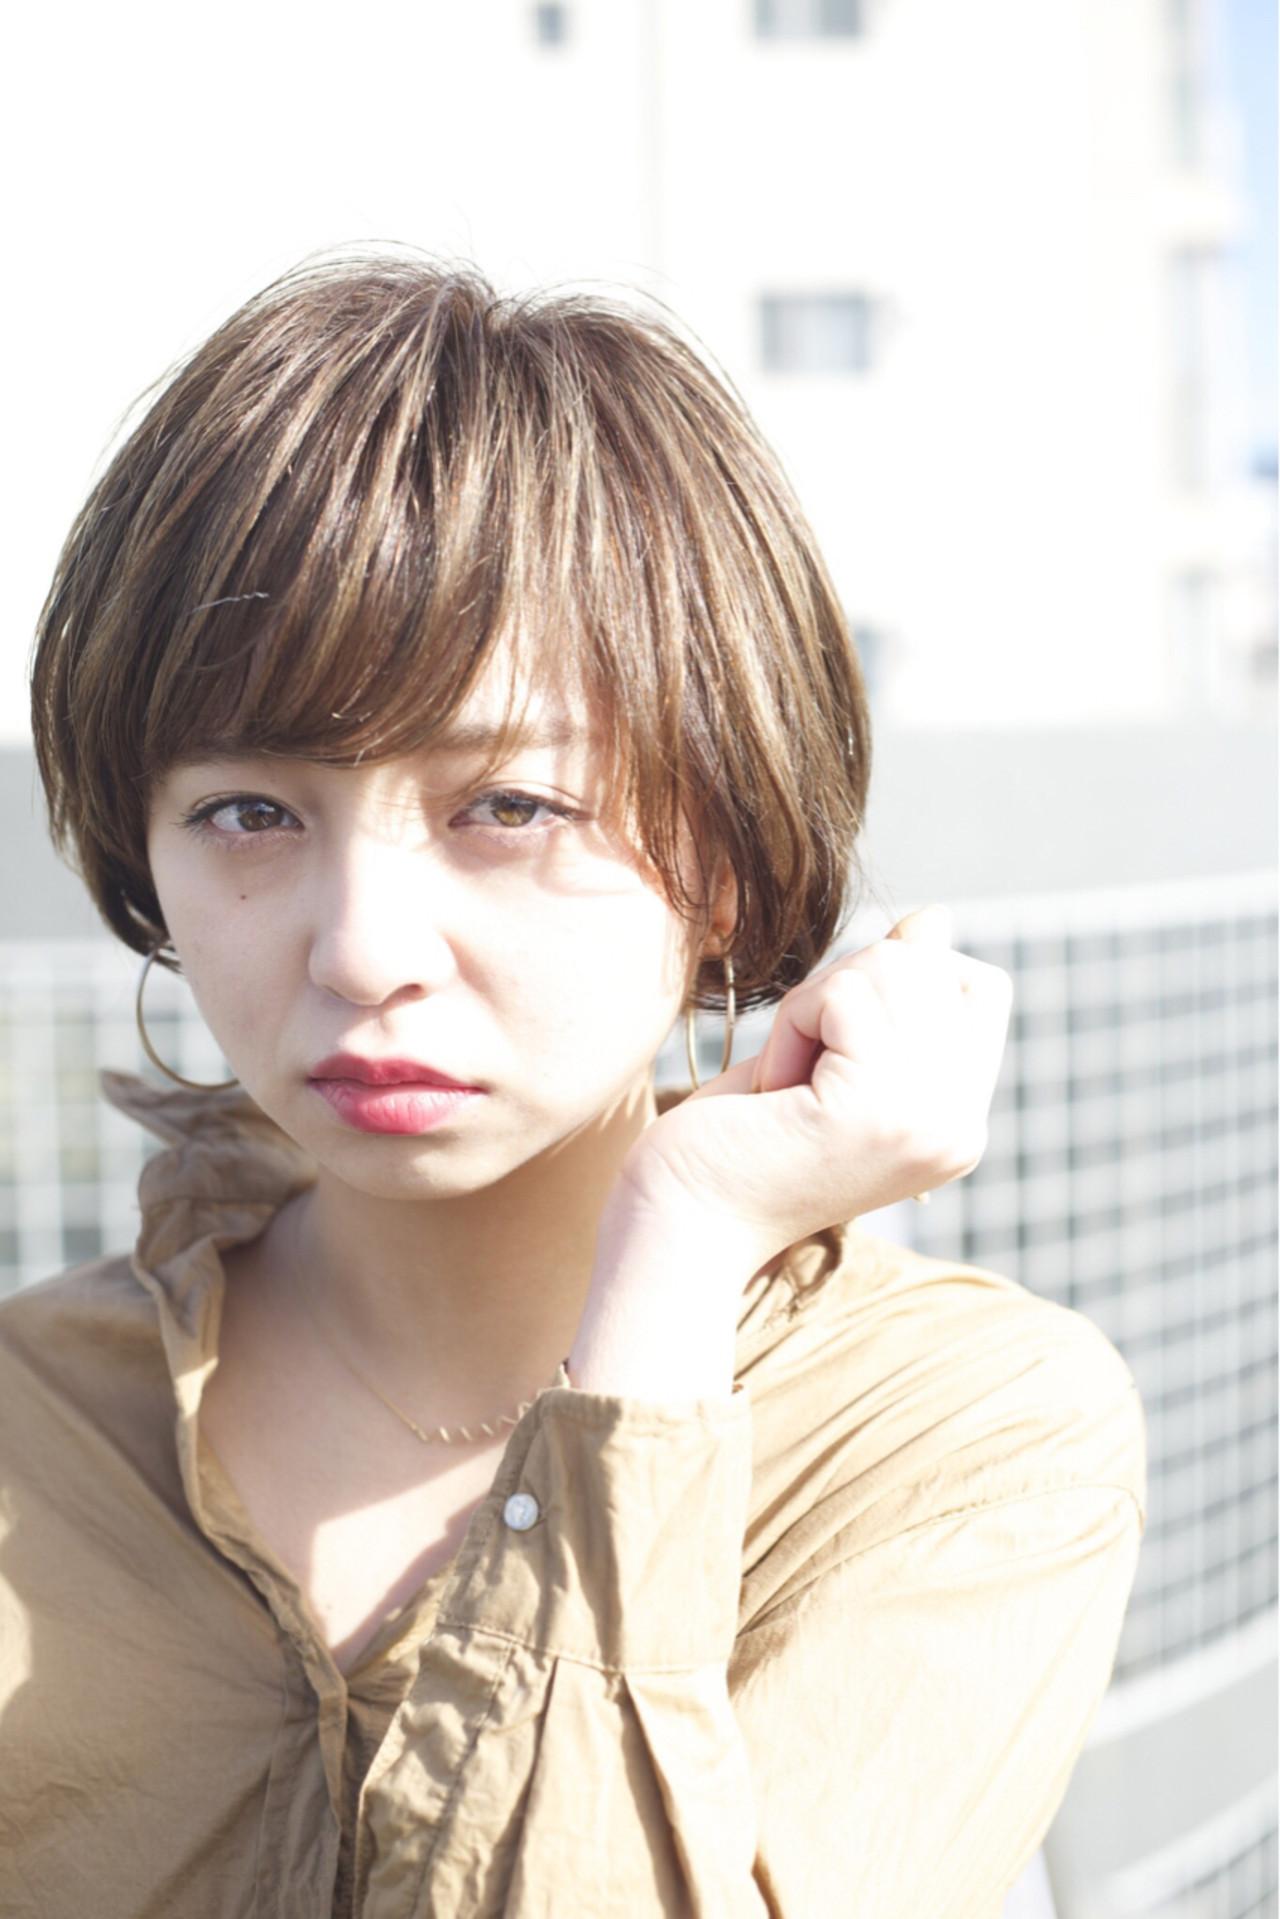 前髪の切り方やアレンジでなりたい自分に! 池田 涼平